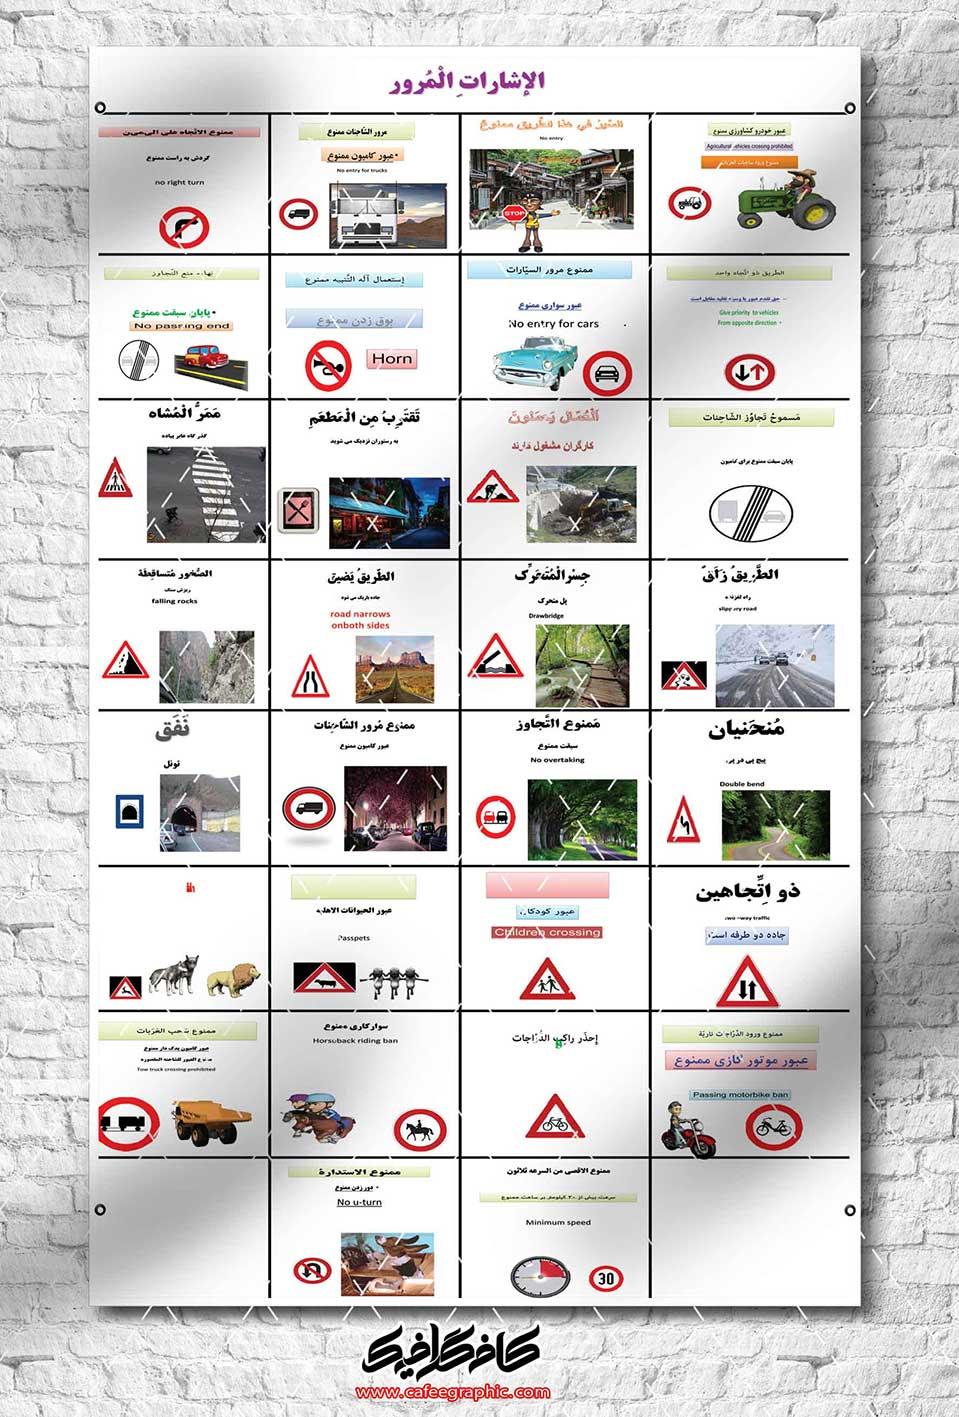 طرح لایه باز پوستر آموزشی قواعد راهنمای رانندگی به عربی